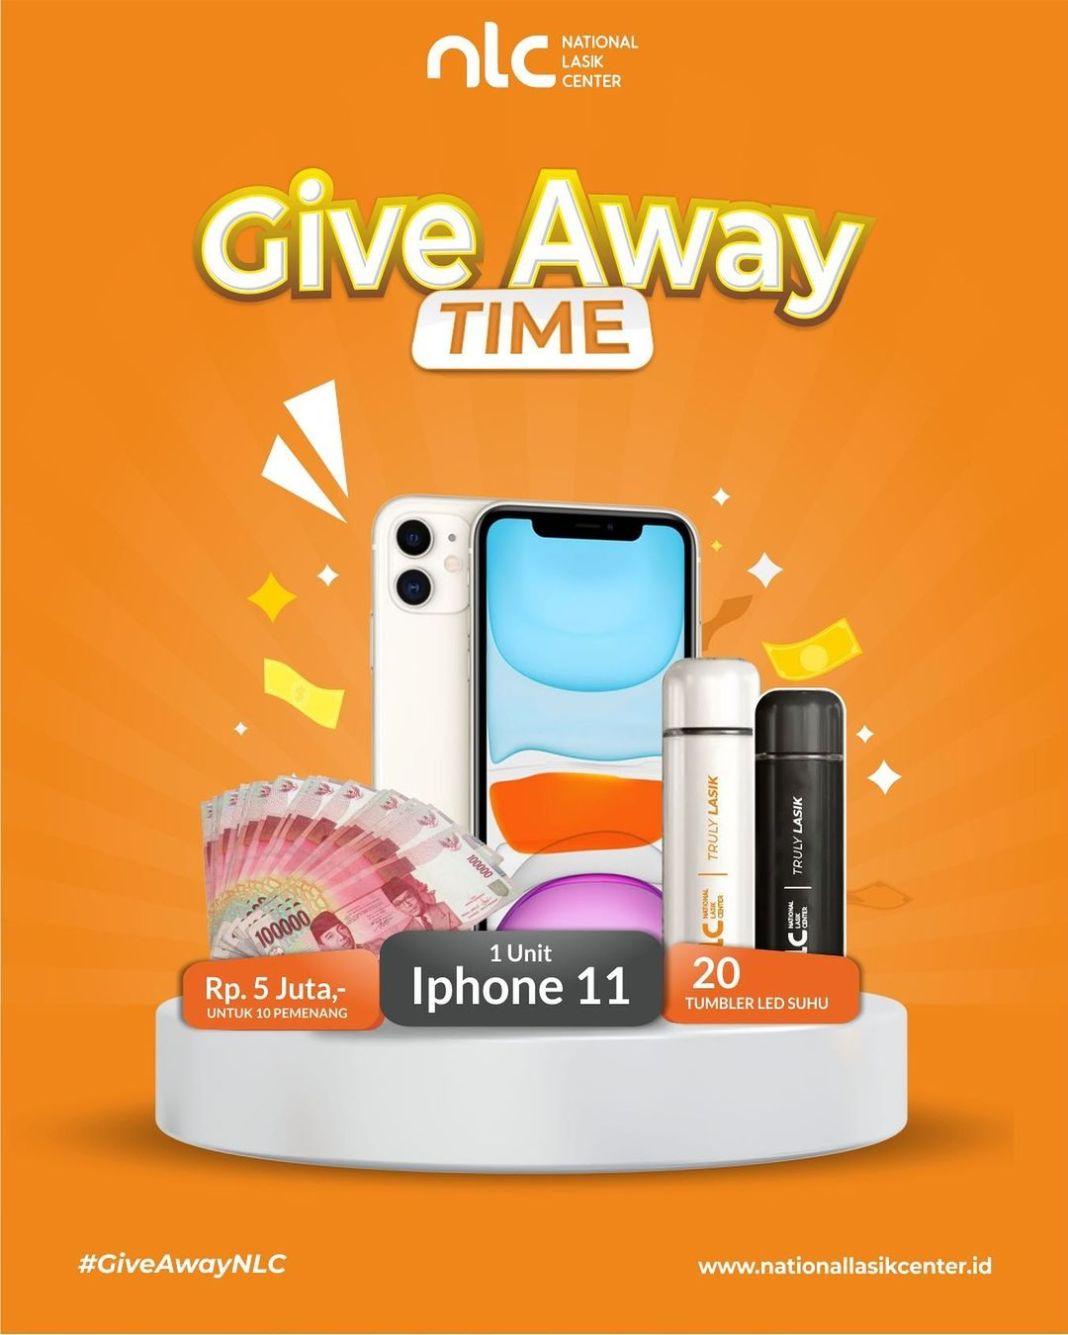 GIVEAWAY  1 iPHONE 11, UANG TUNAI 5 JUTA untuk 10 PEMENANG, & 20 TUMBLER LED SUHU  Giveaway Tim…